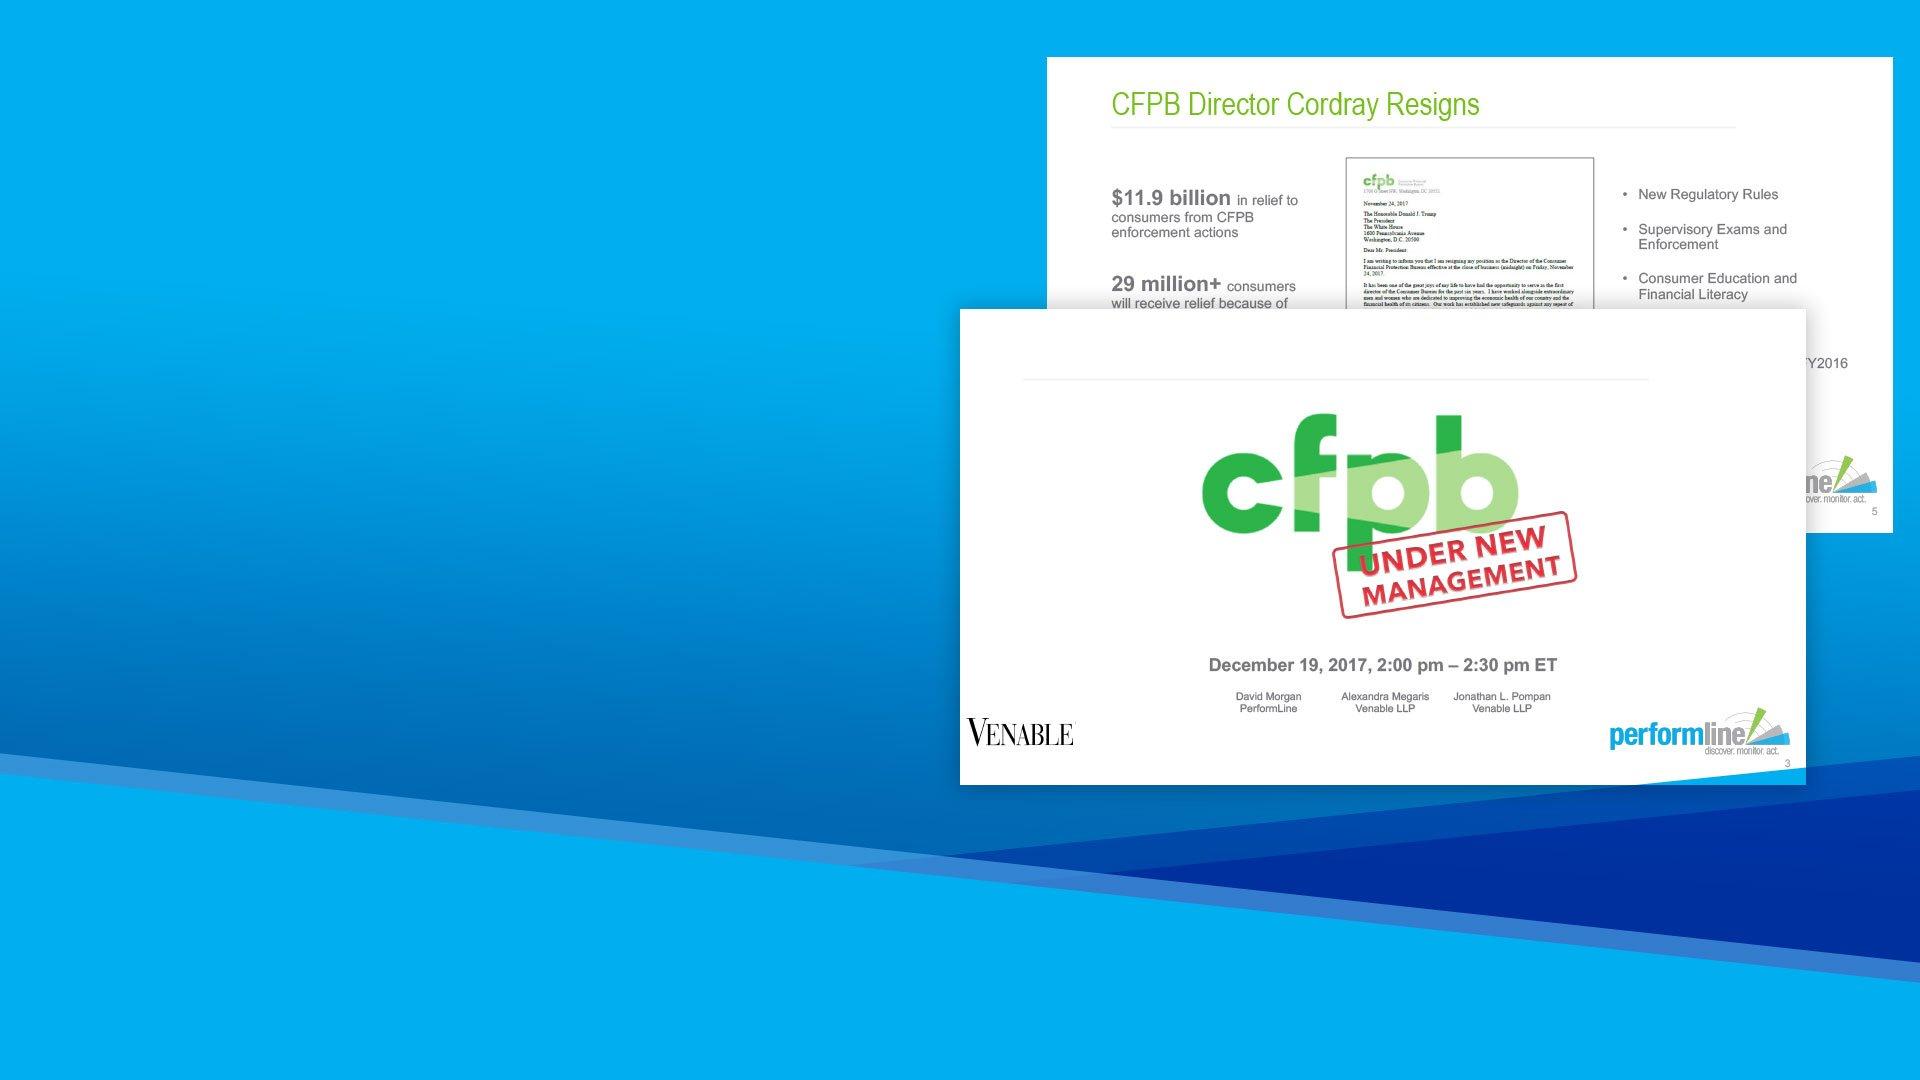 PerformLine-LP-CFPB-under-new-management